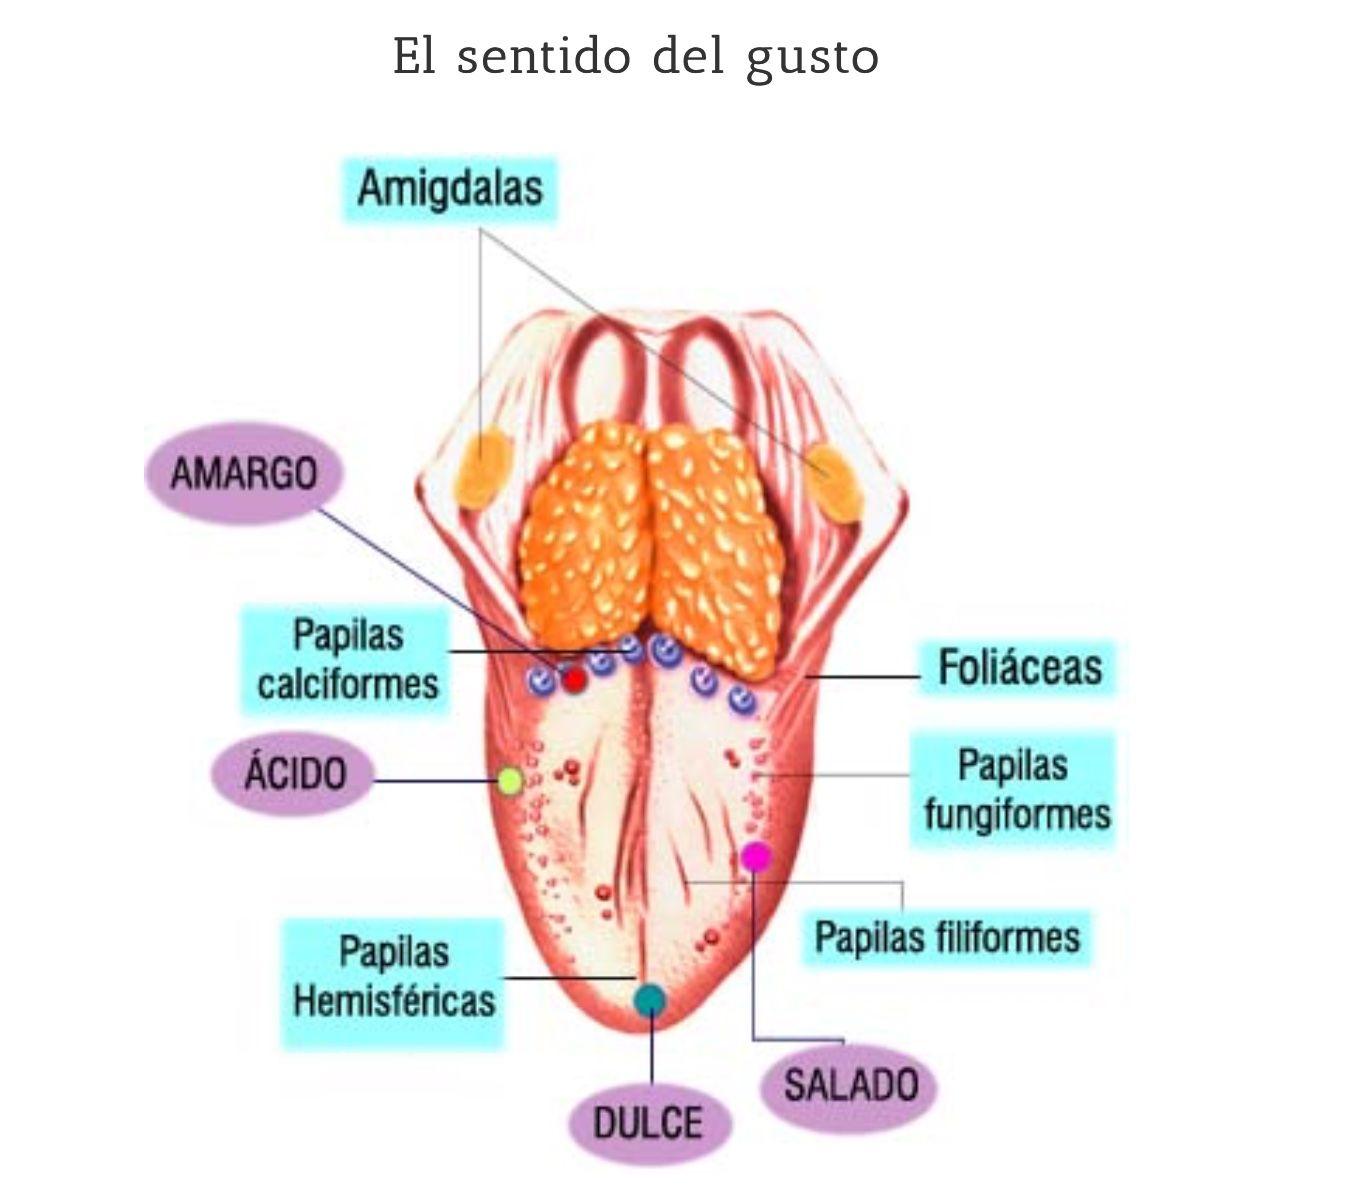 Vistoso Papilas Fungiformes Ornamento - Imágenes de Anatomía Humana ...